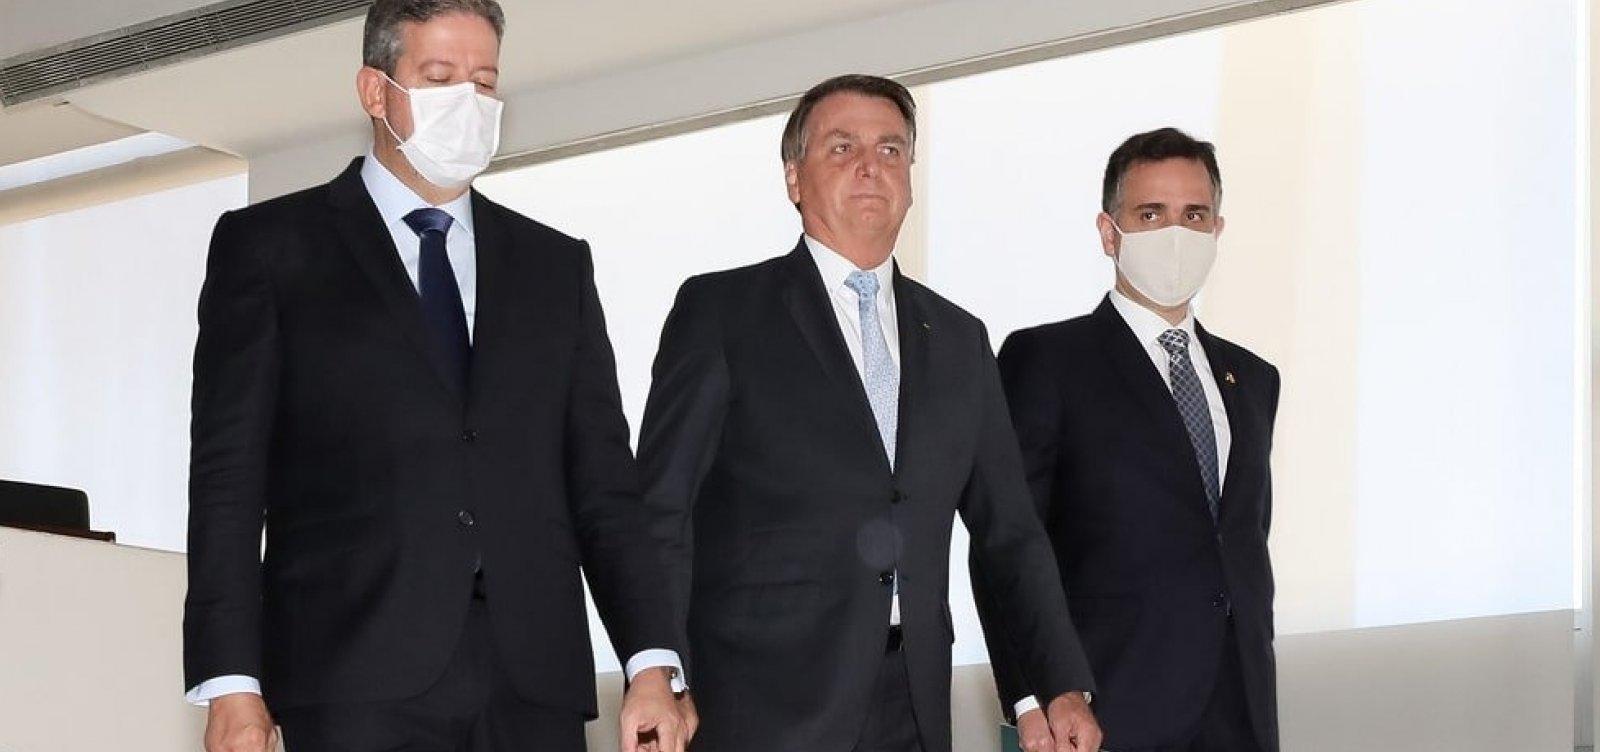 Após vencer eleições do Congresso, Centrão busca tomar espaço de militares no governo